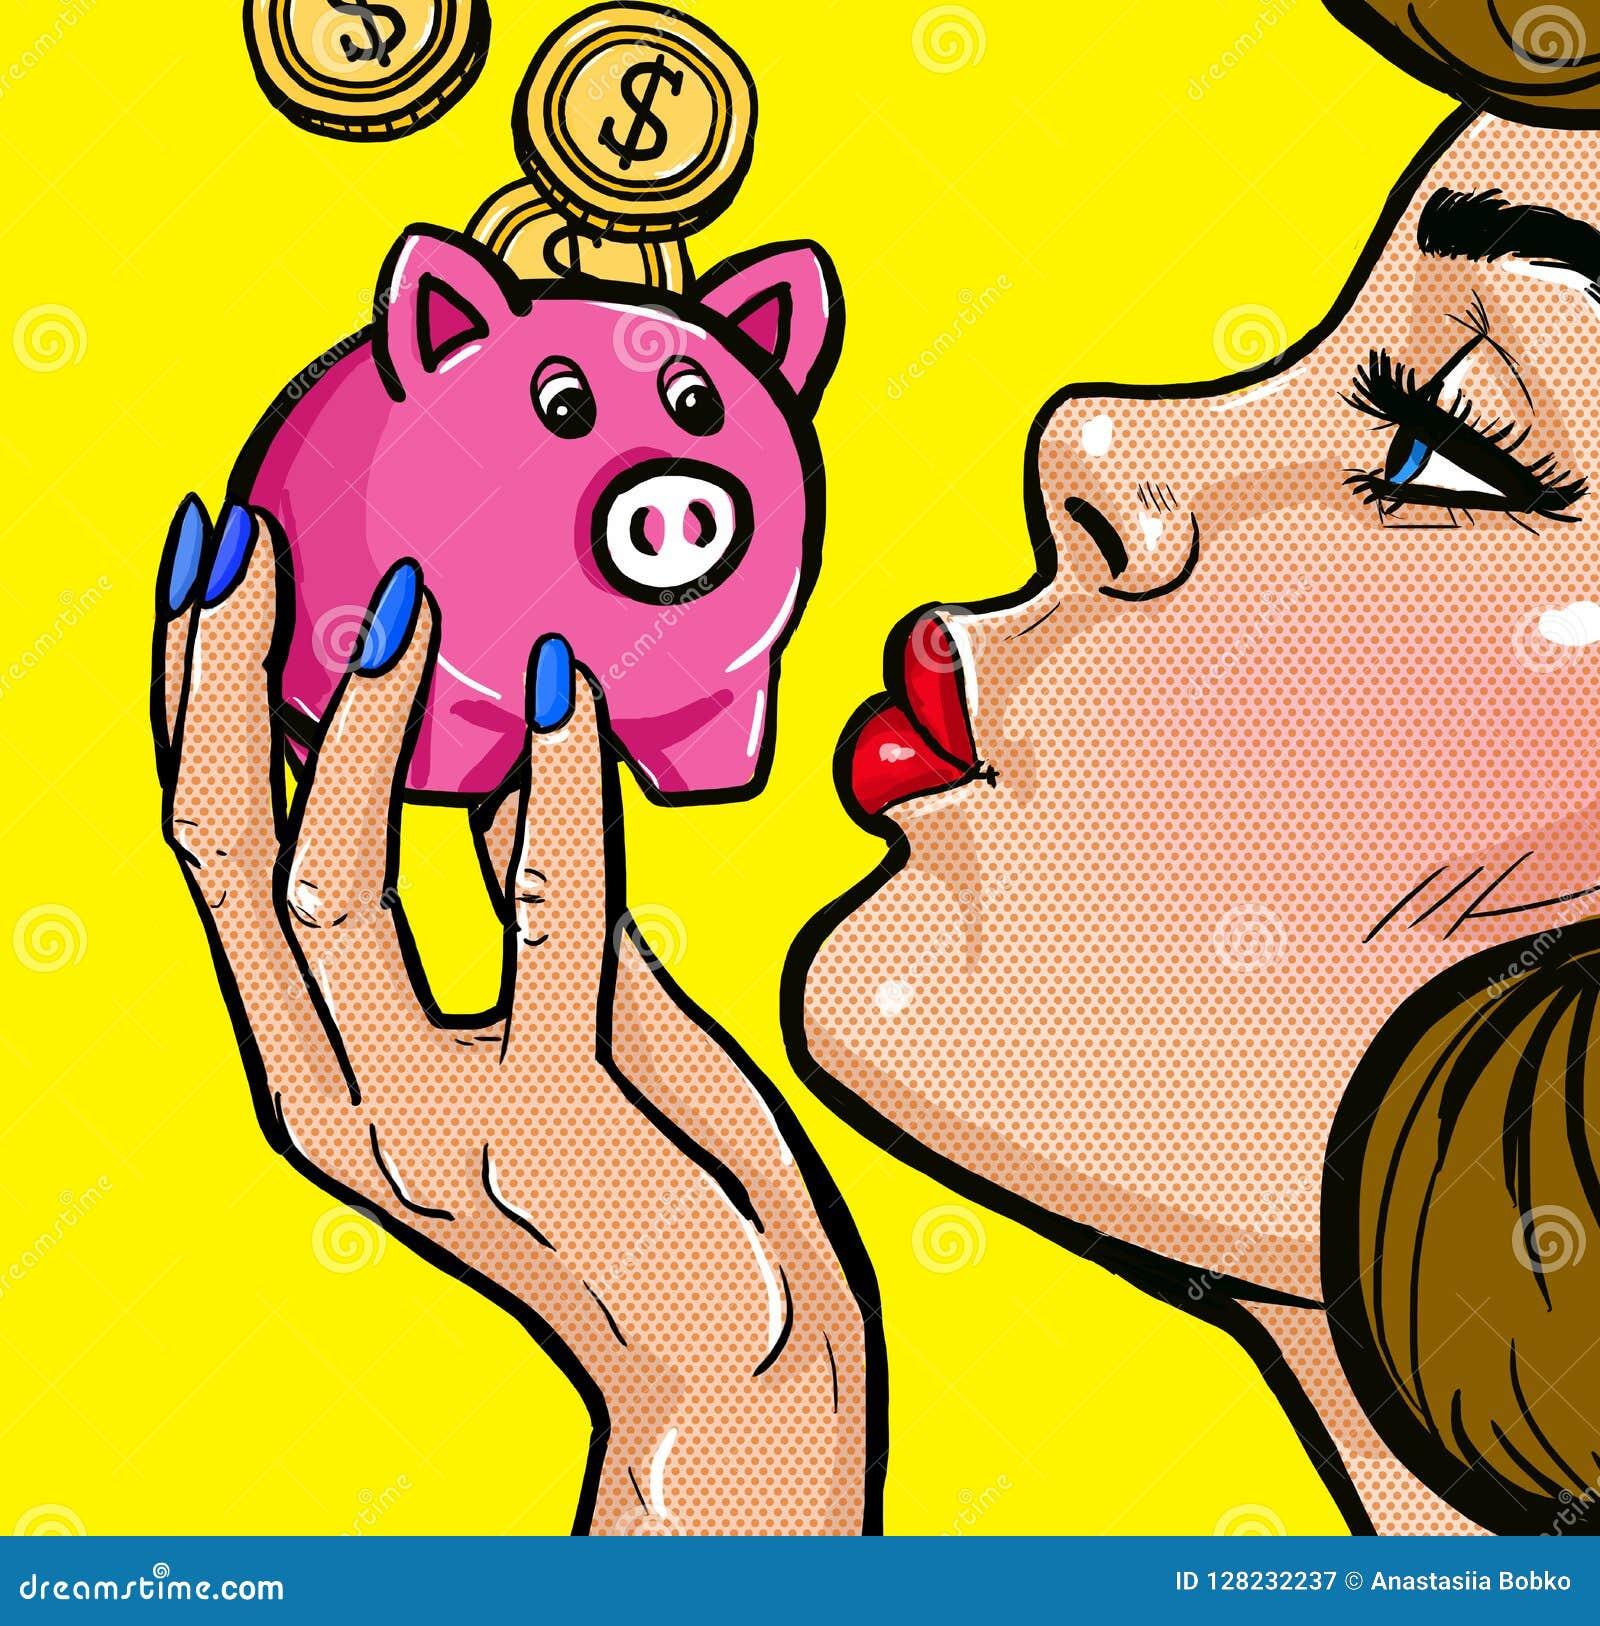 De dos mangos besando una hucha en estilo del arte pop Cartel del arte pop del vintage Mujer con el dinero